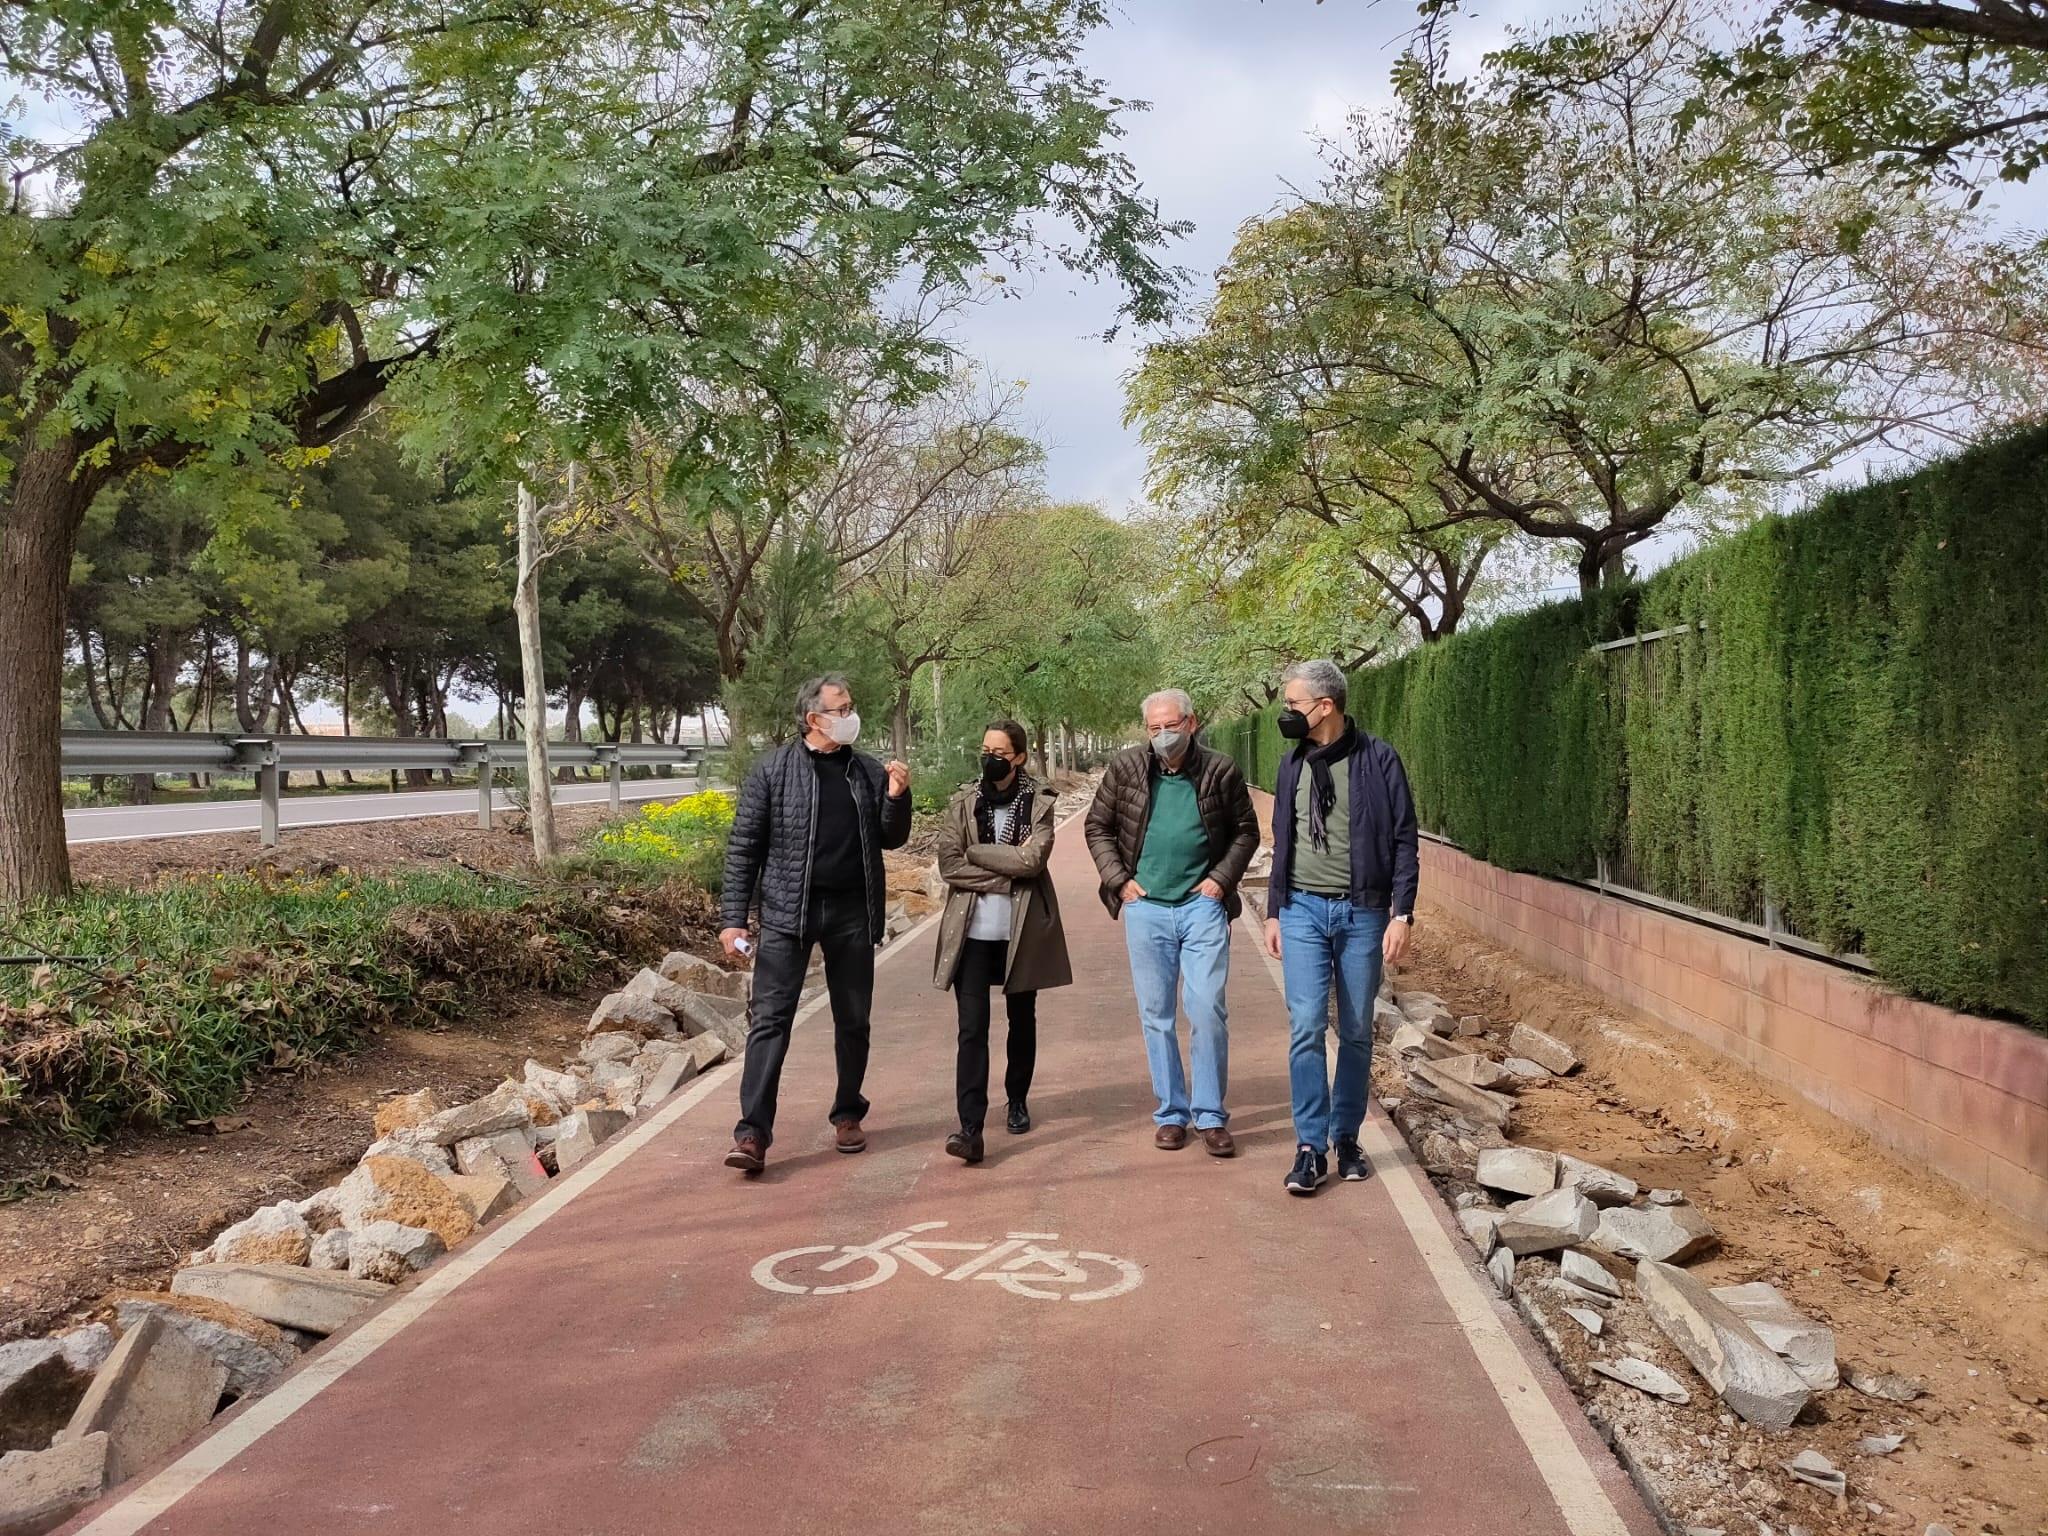 La Conselleria de Obras Públicas concluye el carril bici del Camí de la Pedrera en Picanya en el Tramo Sur del Anillo Verde Metropolitano